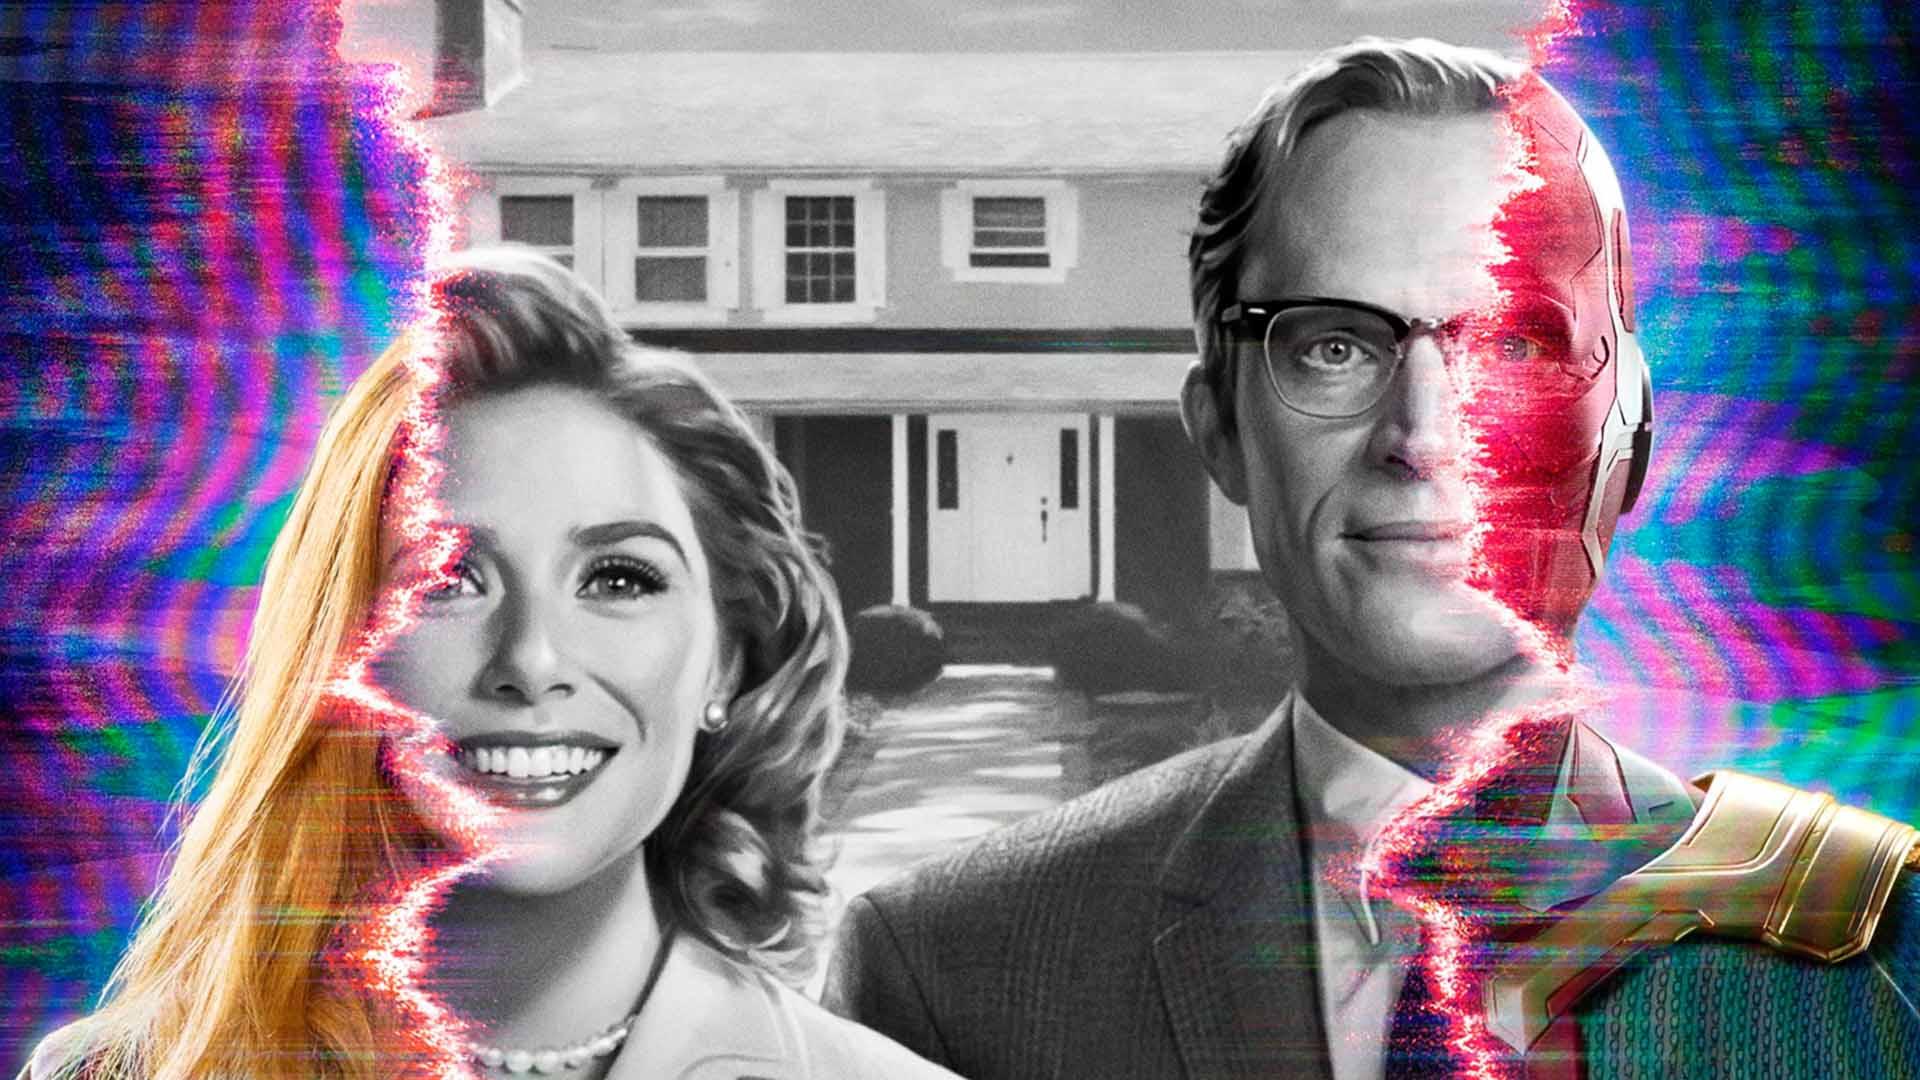 Las series y películas que debes ver para entender 'WandaVision', por Gonzalo Jiménez